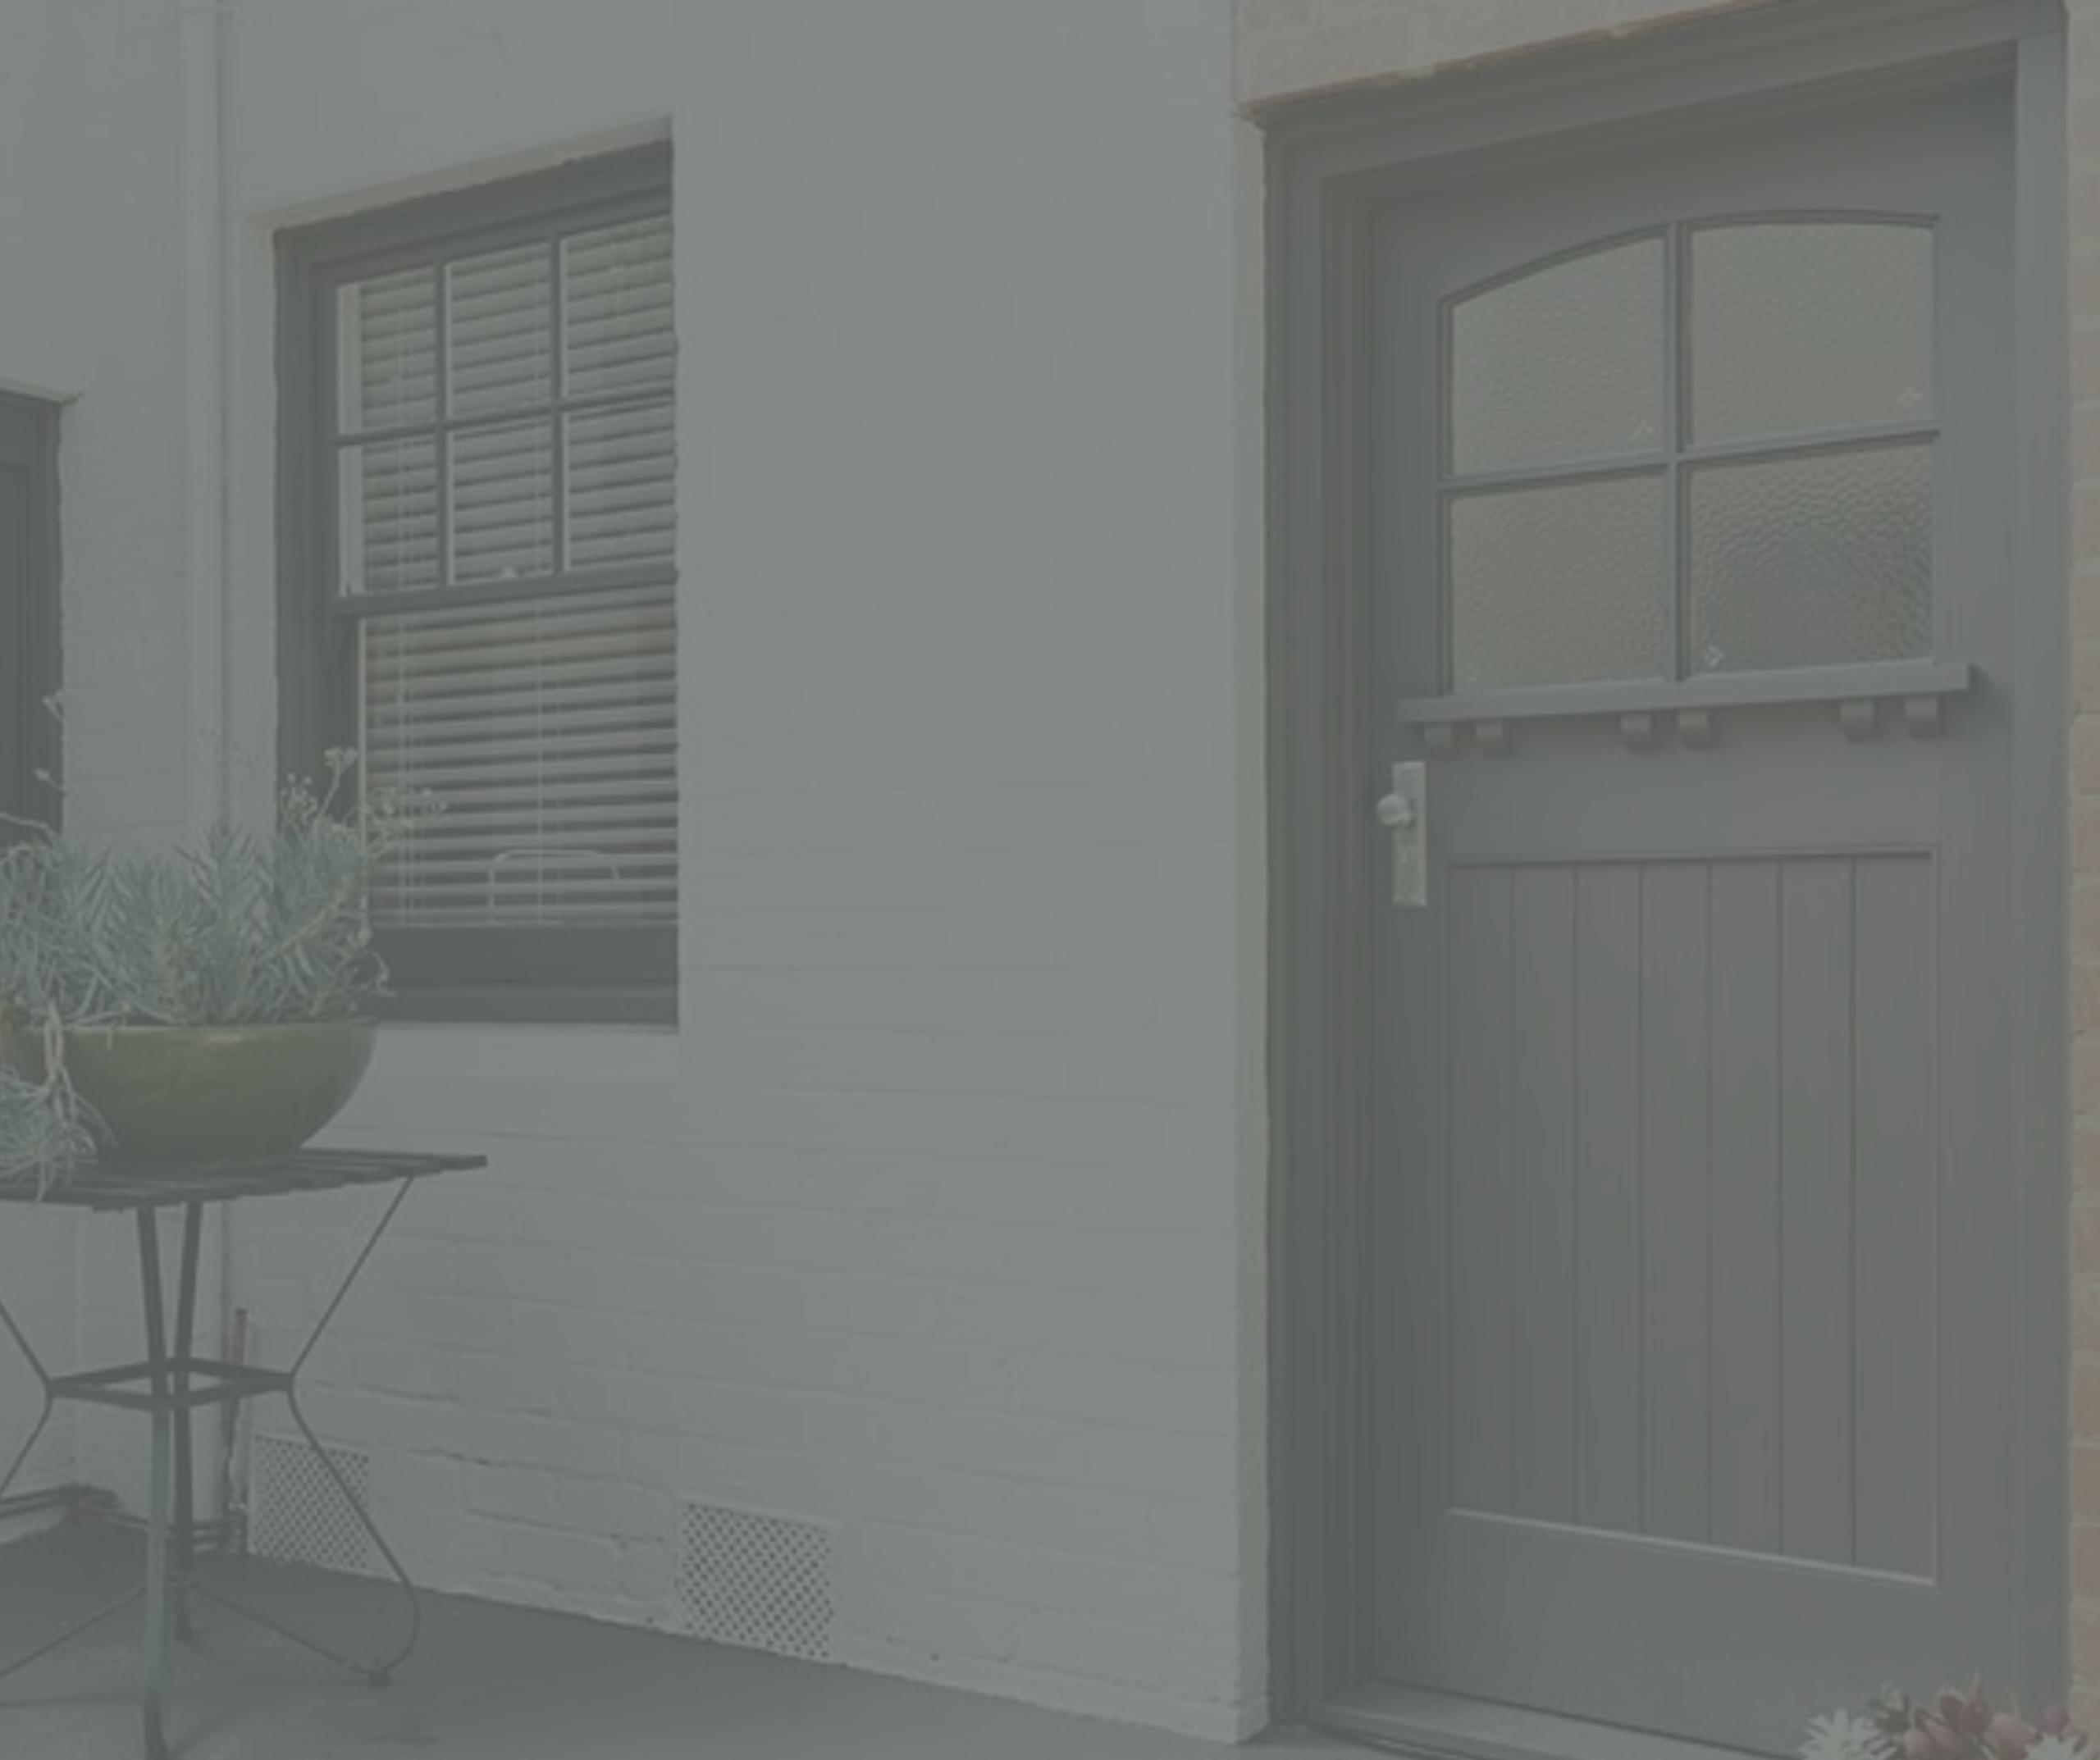 Is it time to update your front door?